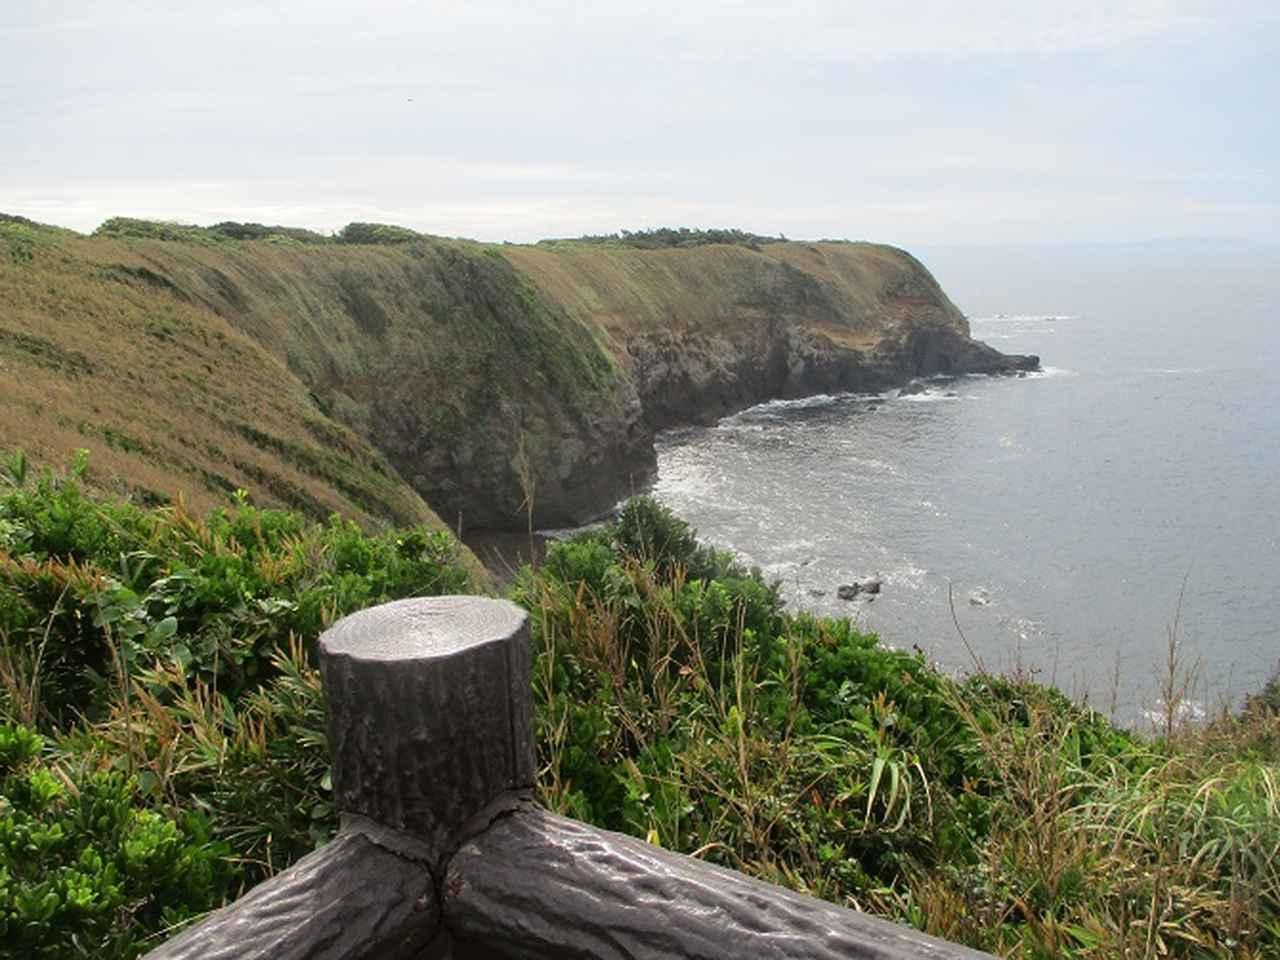 画像6: 来年の夏の企画素材を探して 三浦半島の南端・城ヶ島を歩いてみました!